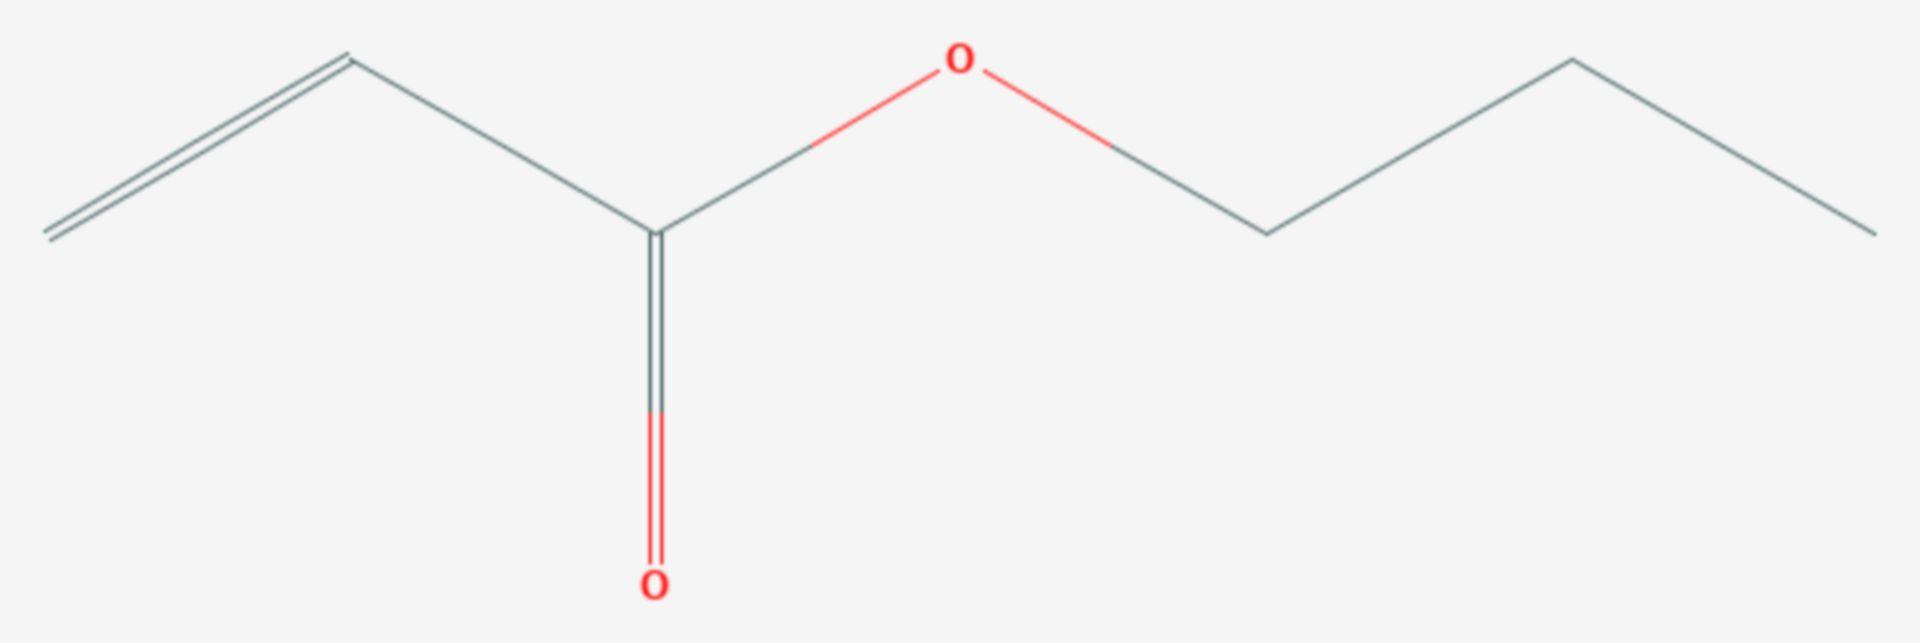 Acrylsäurepropylester (Strukturformel)